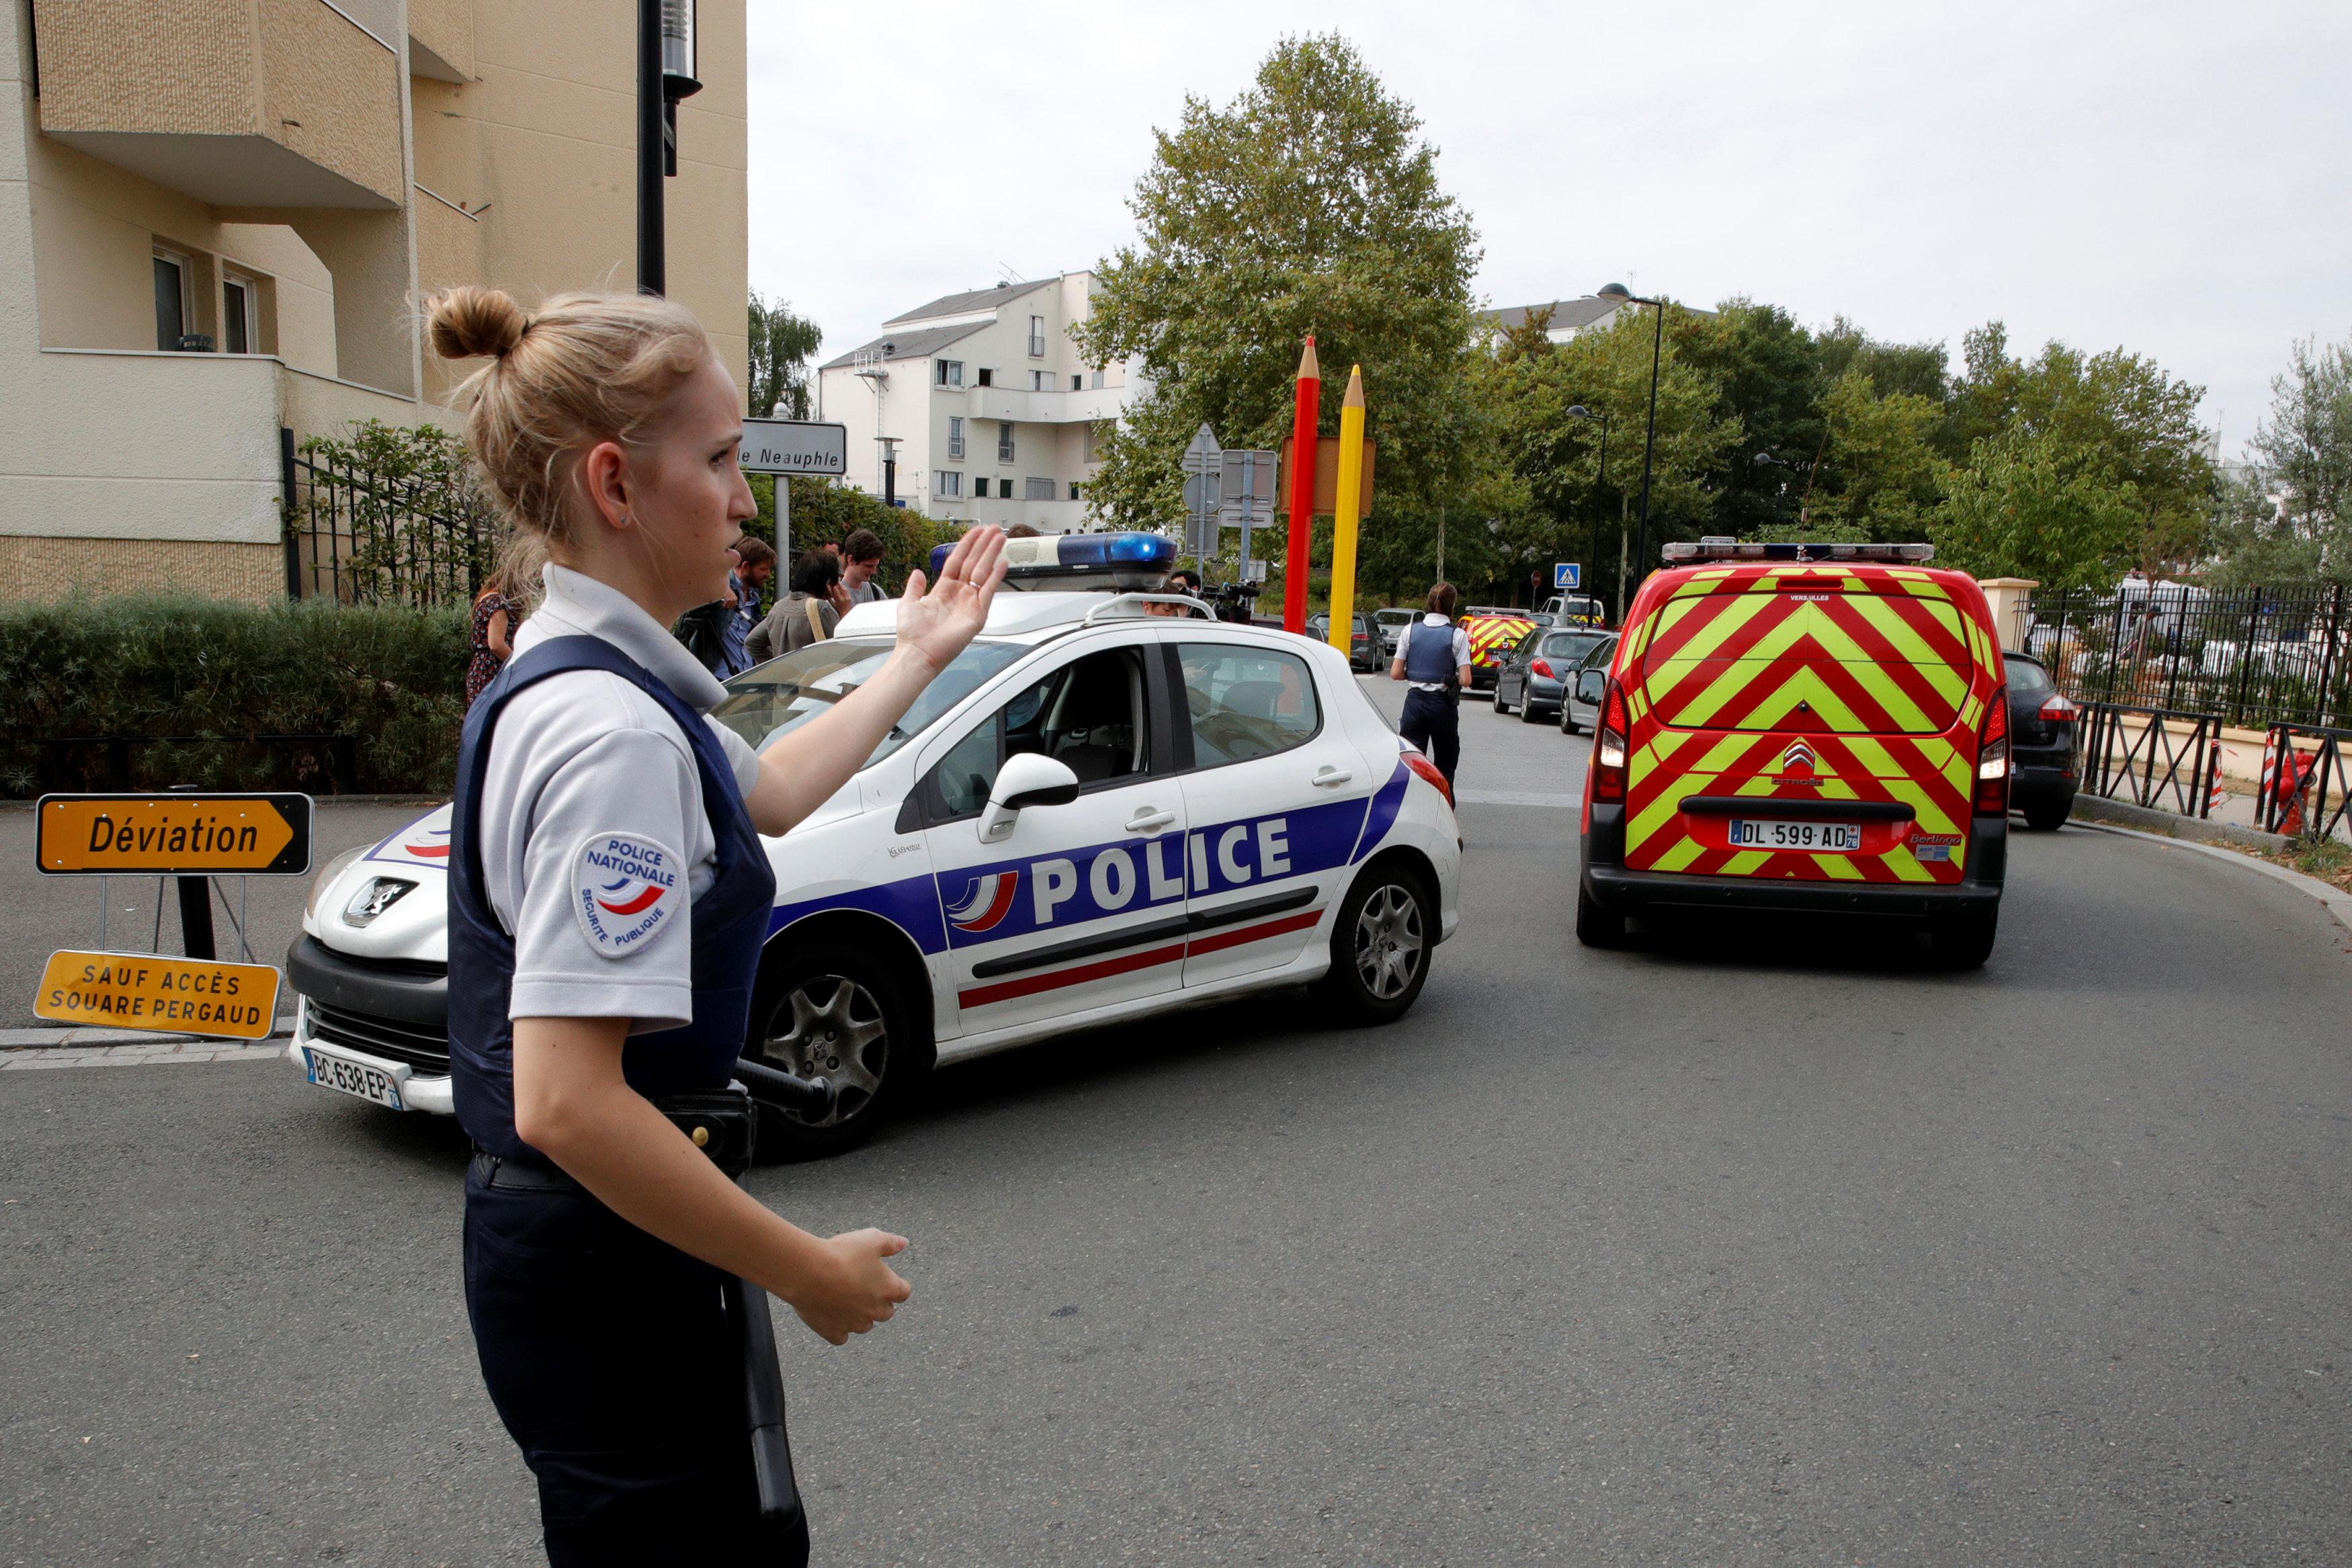 الشرطة الفرنسية تؤمن الشارع بعد قتل رجل شخصين في هجوم بسكين